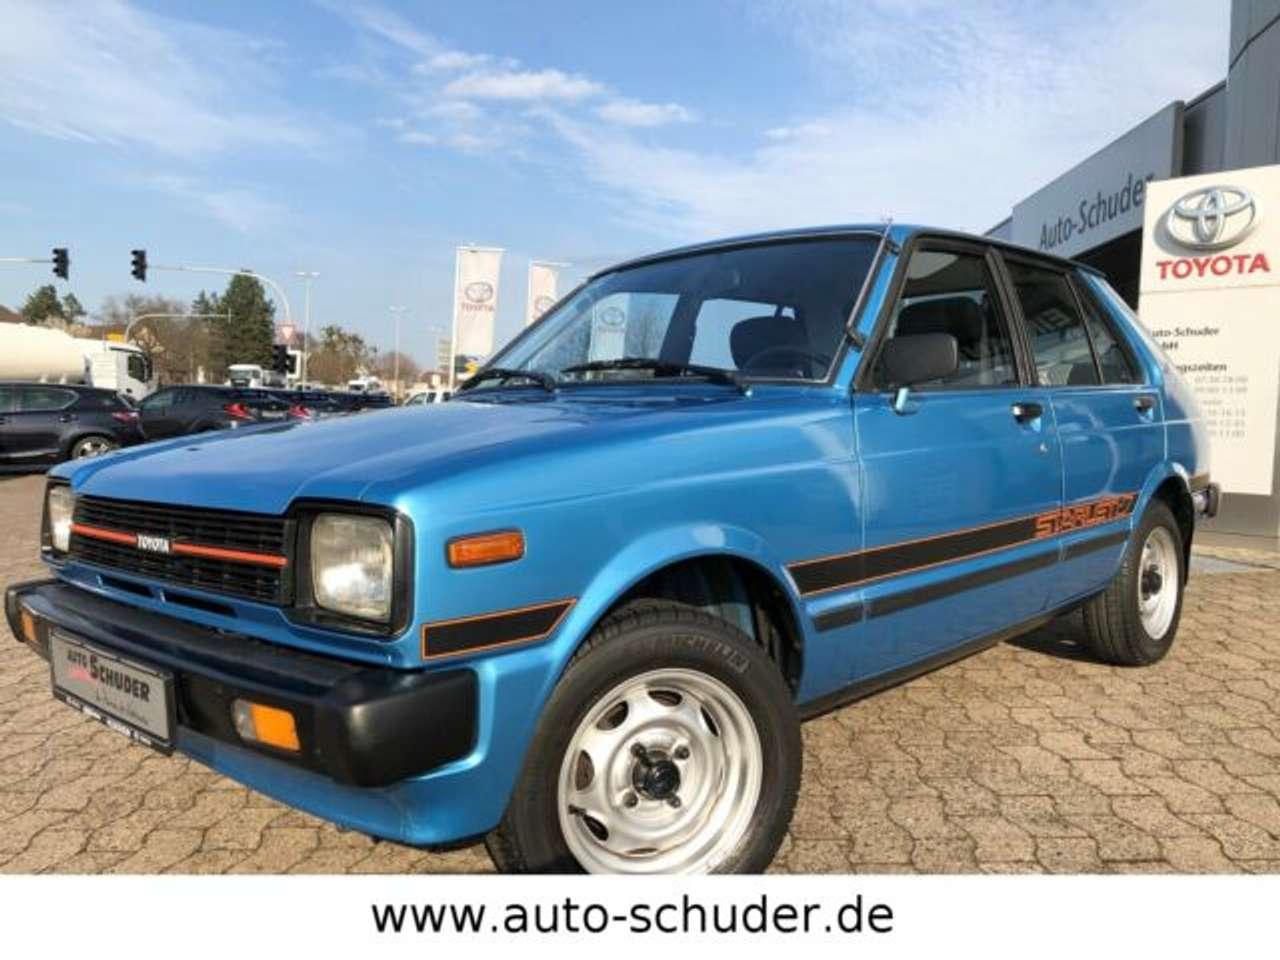 Autos nach Toyota Starlet 1.5 XL Diesel